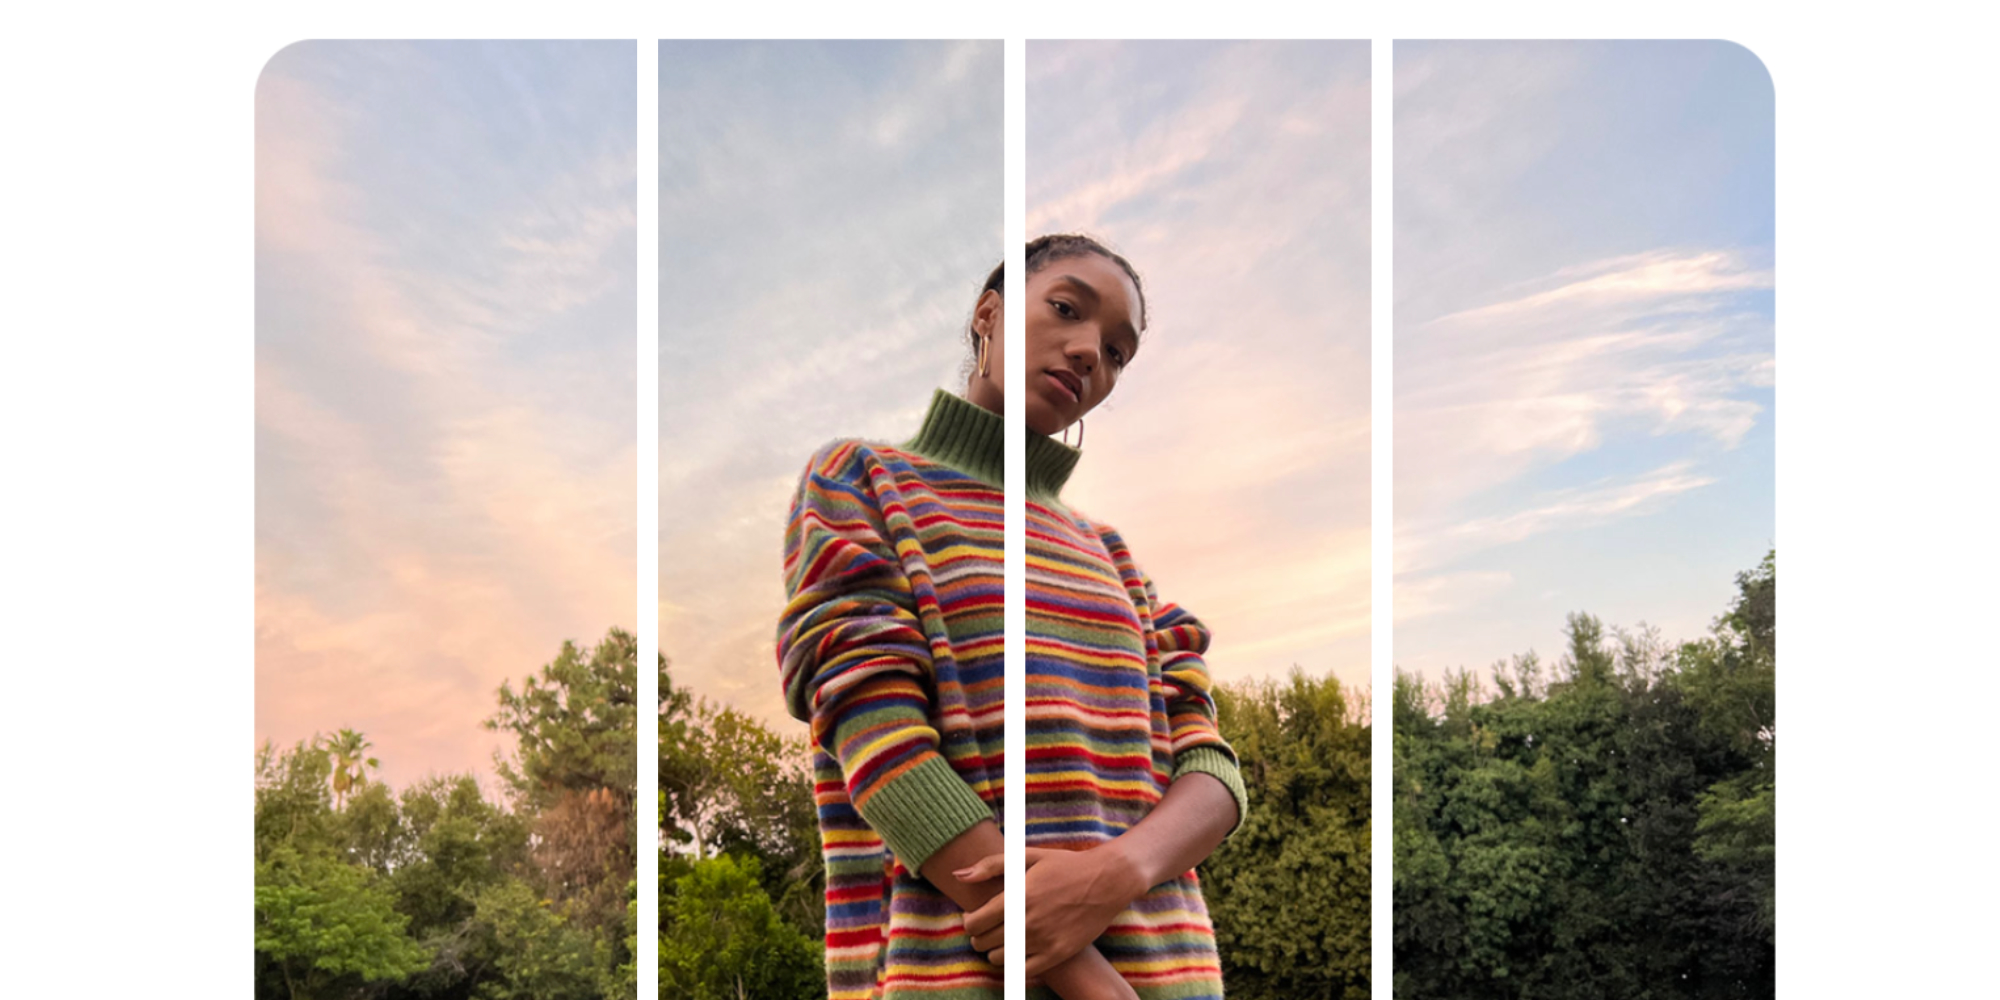 Qué son y cómo usar los estilos fotográficos de los nuevos iPhone 13 para decir más con cada fotografía